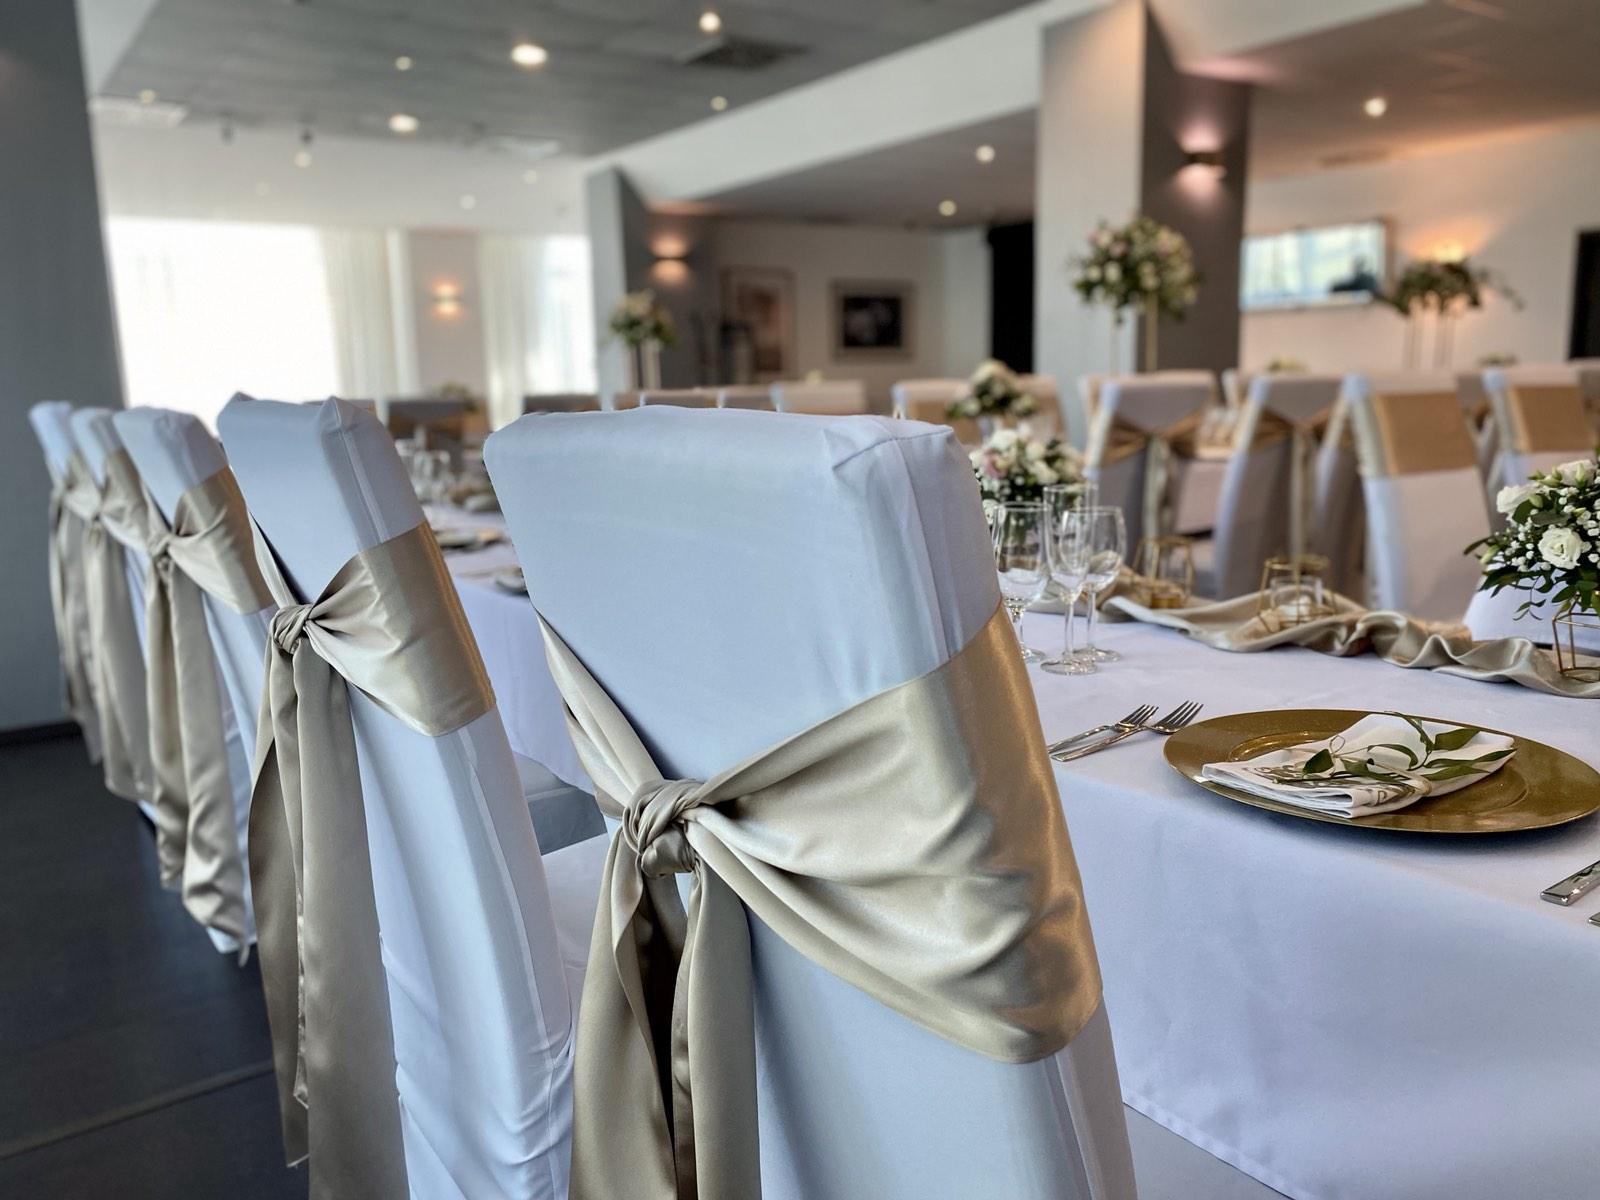 Svadba v Maranello-ristorante - Obrázok č. 1